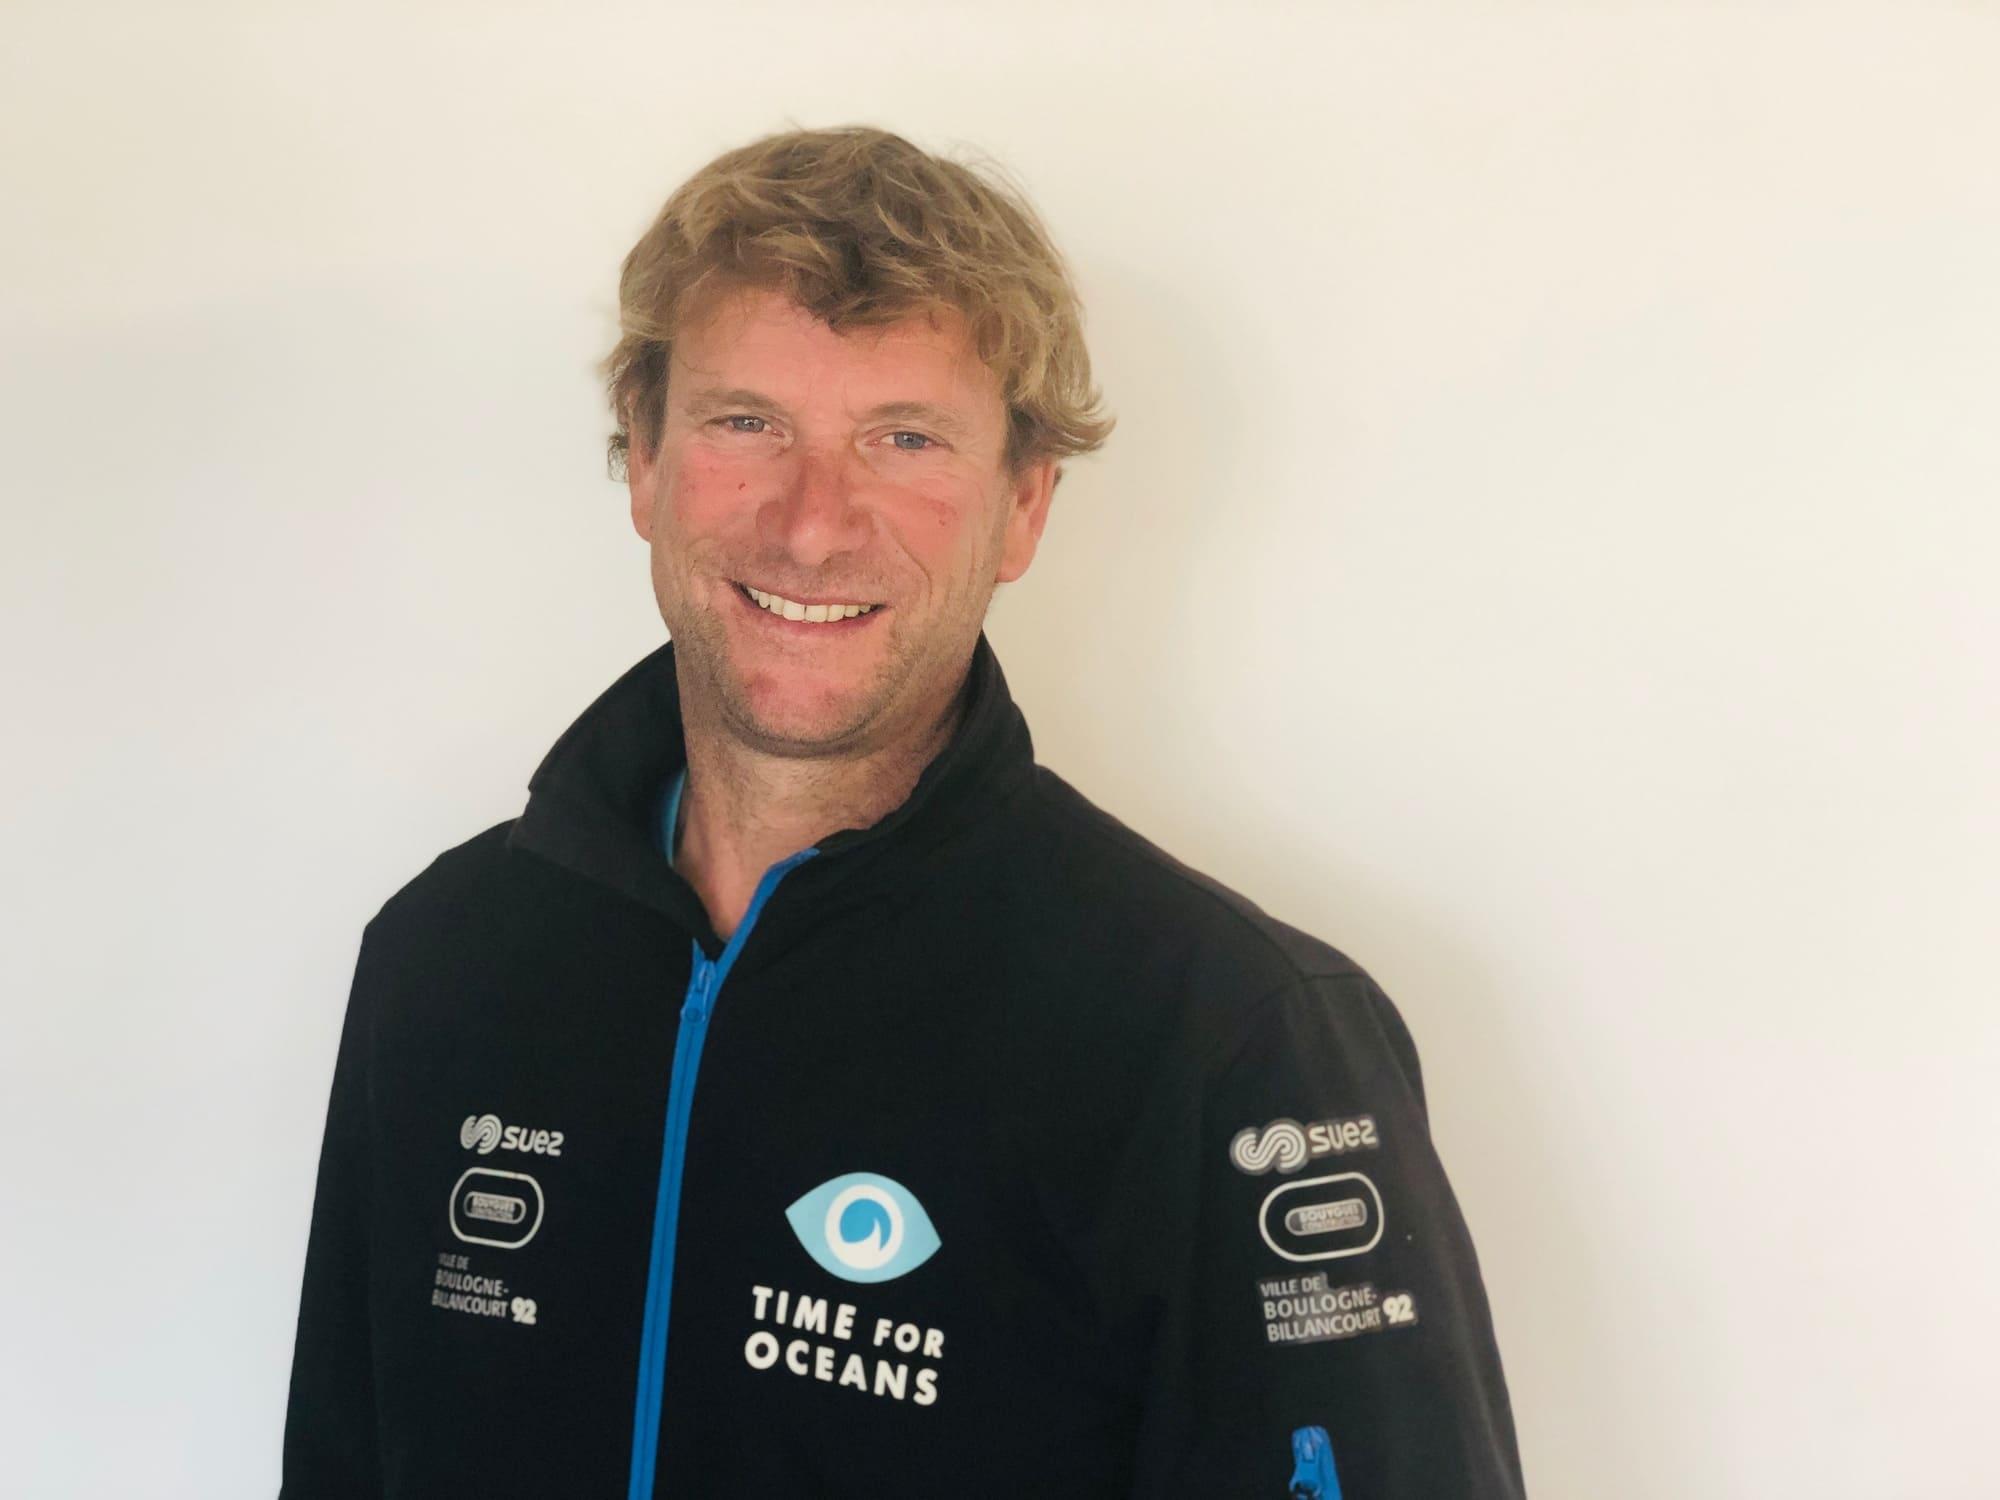 François Guiffant devient co-skipper de Time For Oceans avec Stéphane Le Diraison en vue de la Transat Jacques Vabre 2019